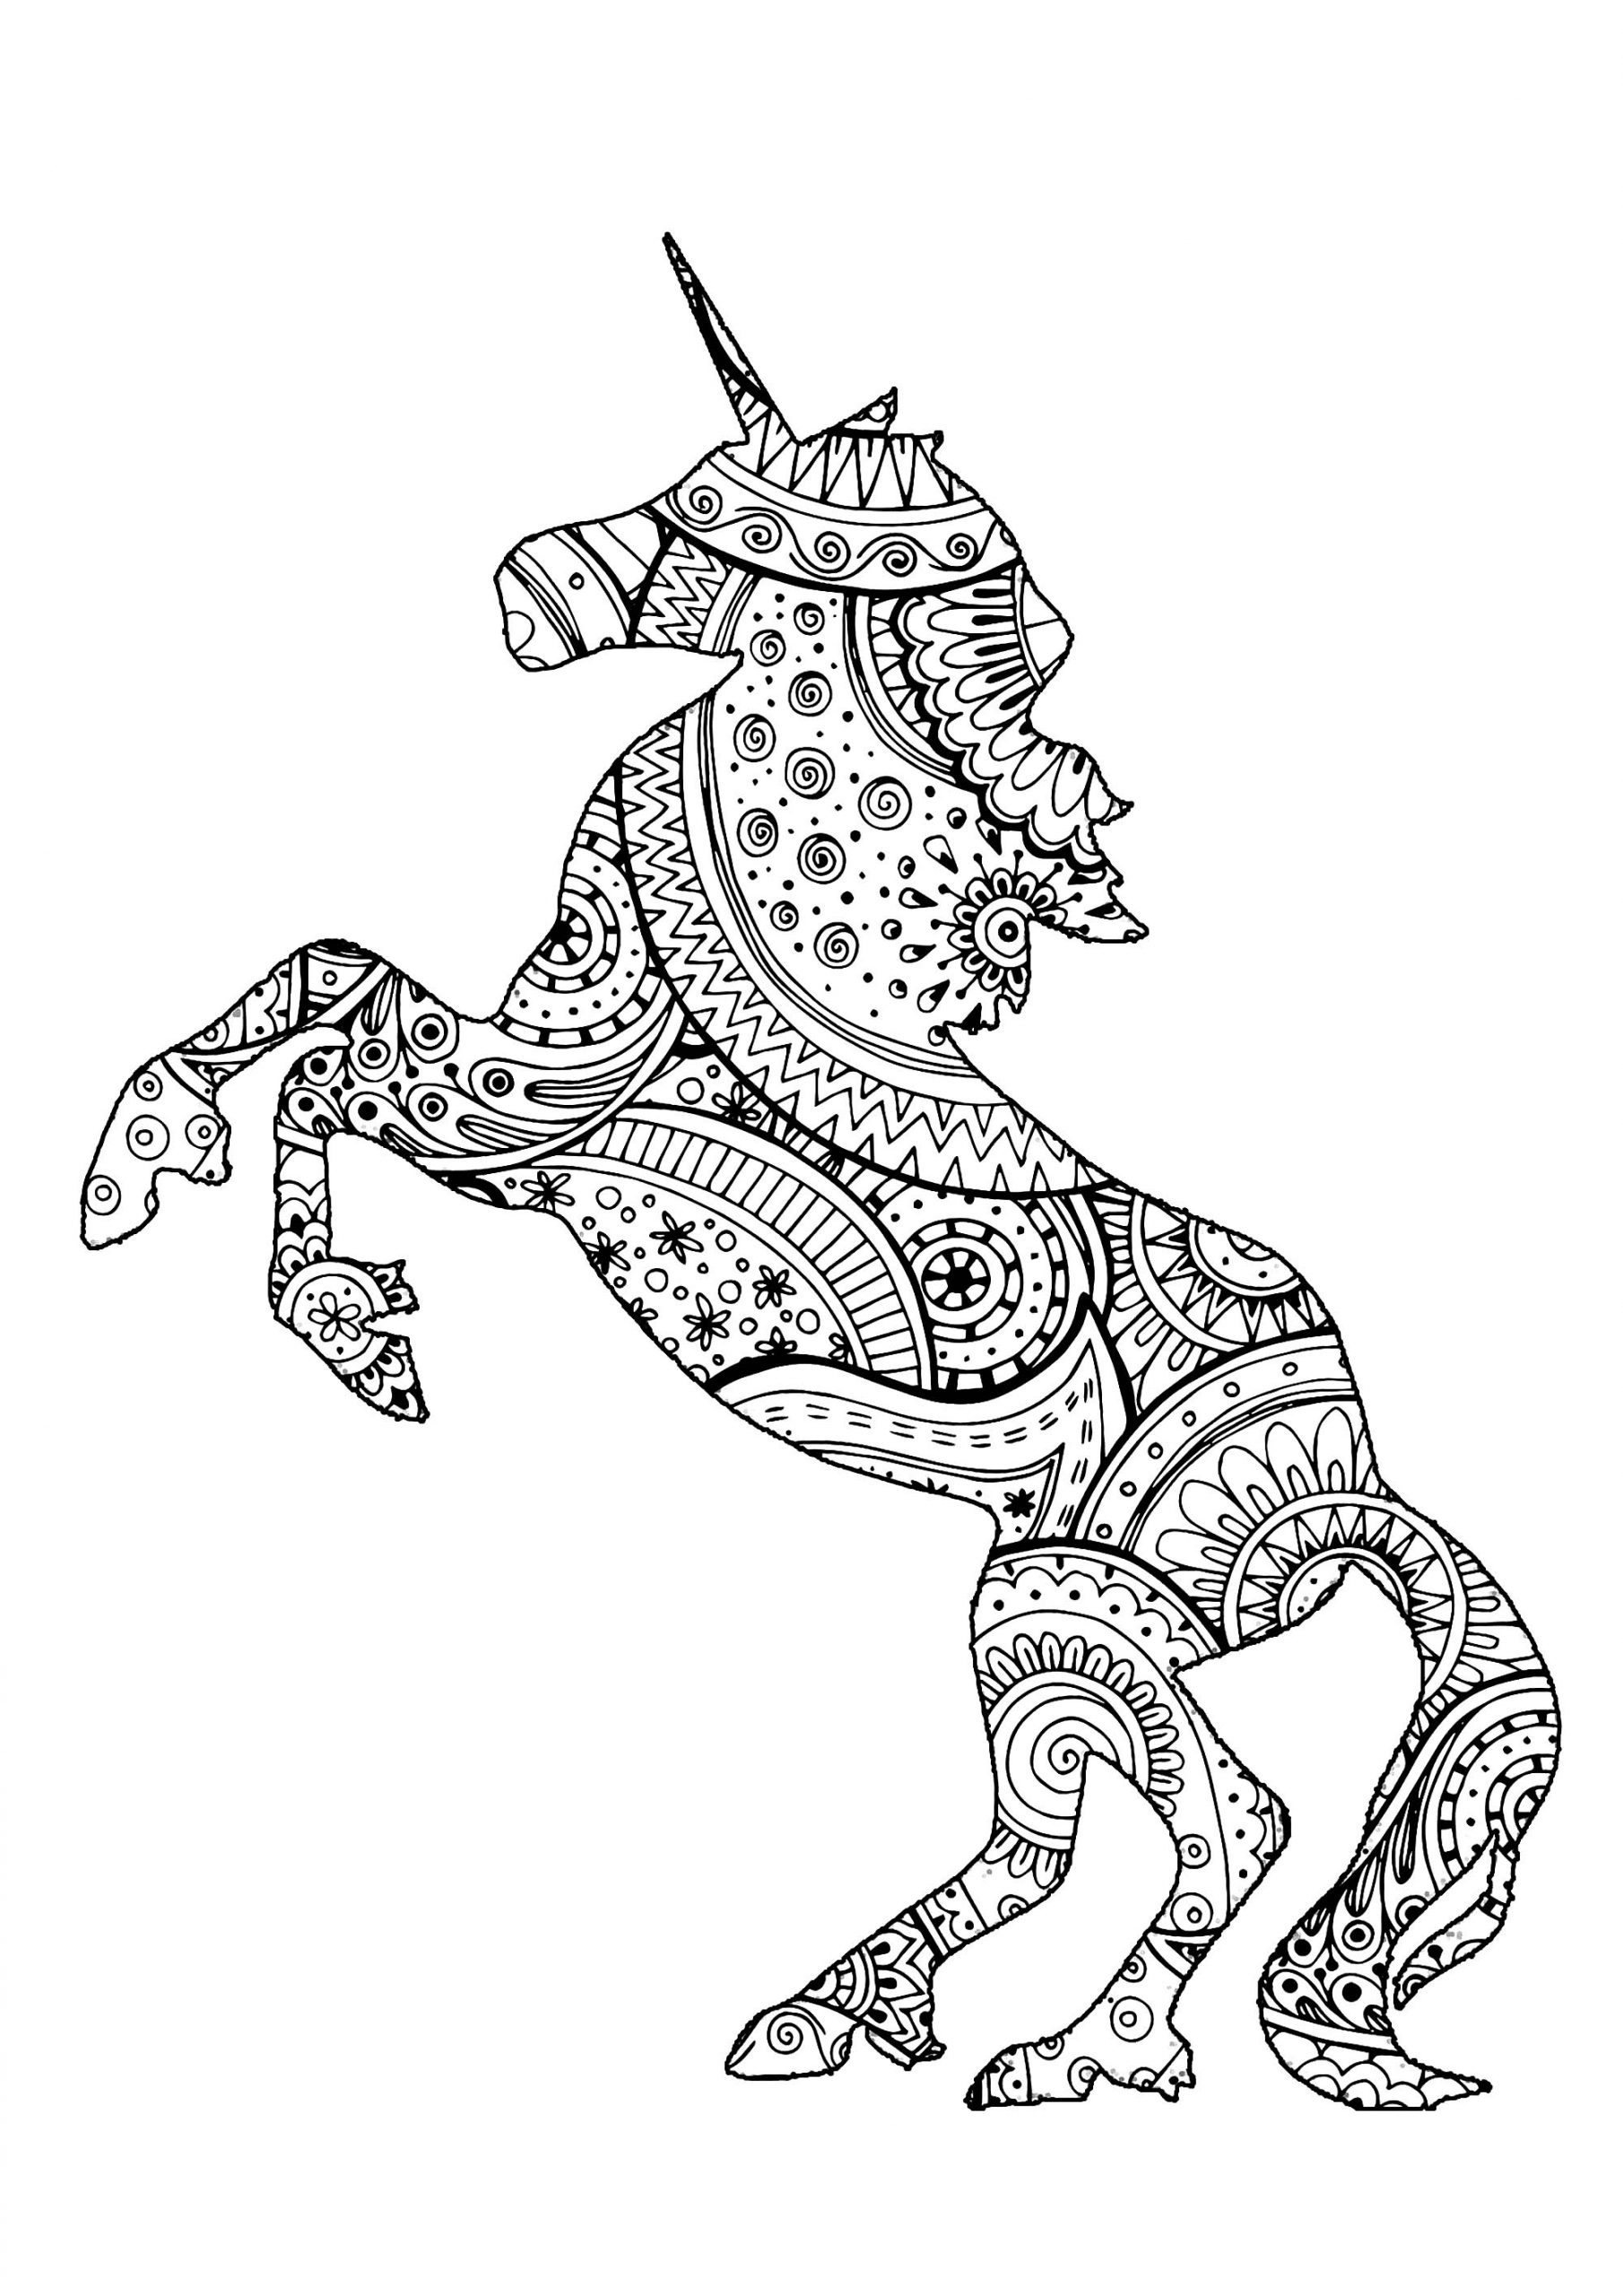 Licorne Avec Motifs Zentangle Et Paisley - Licornes dedans Jeux De Coloriage Licorne